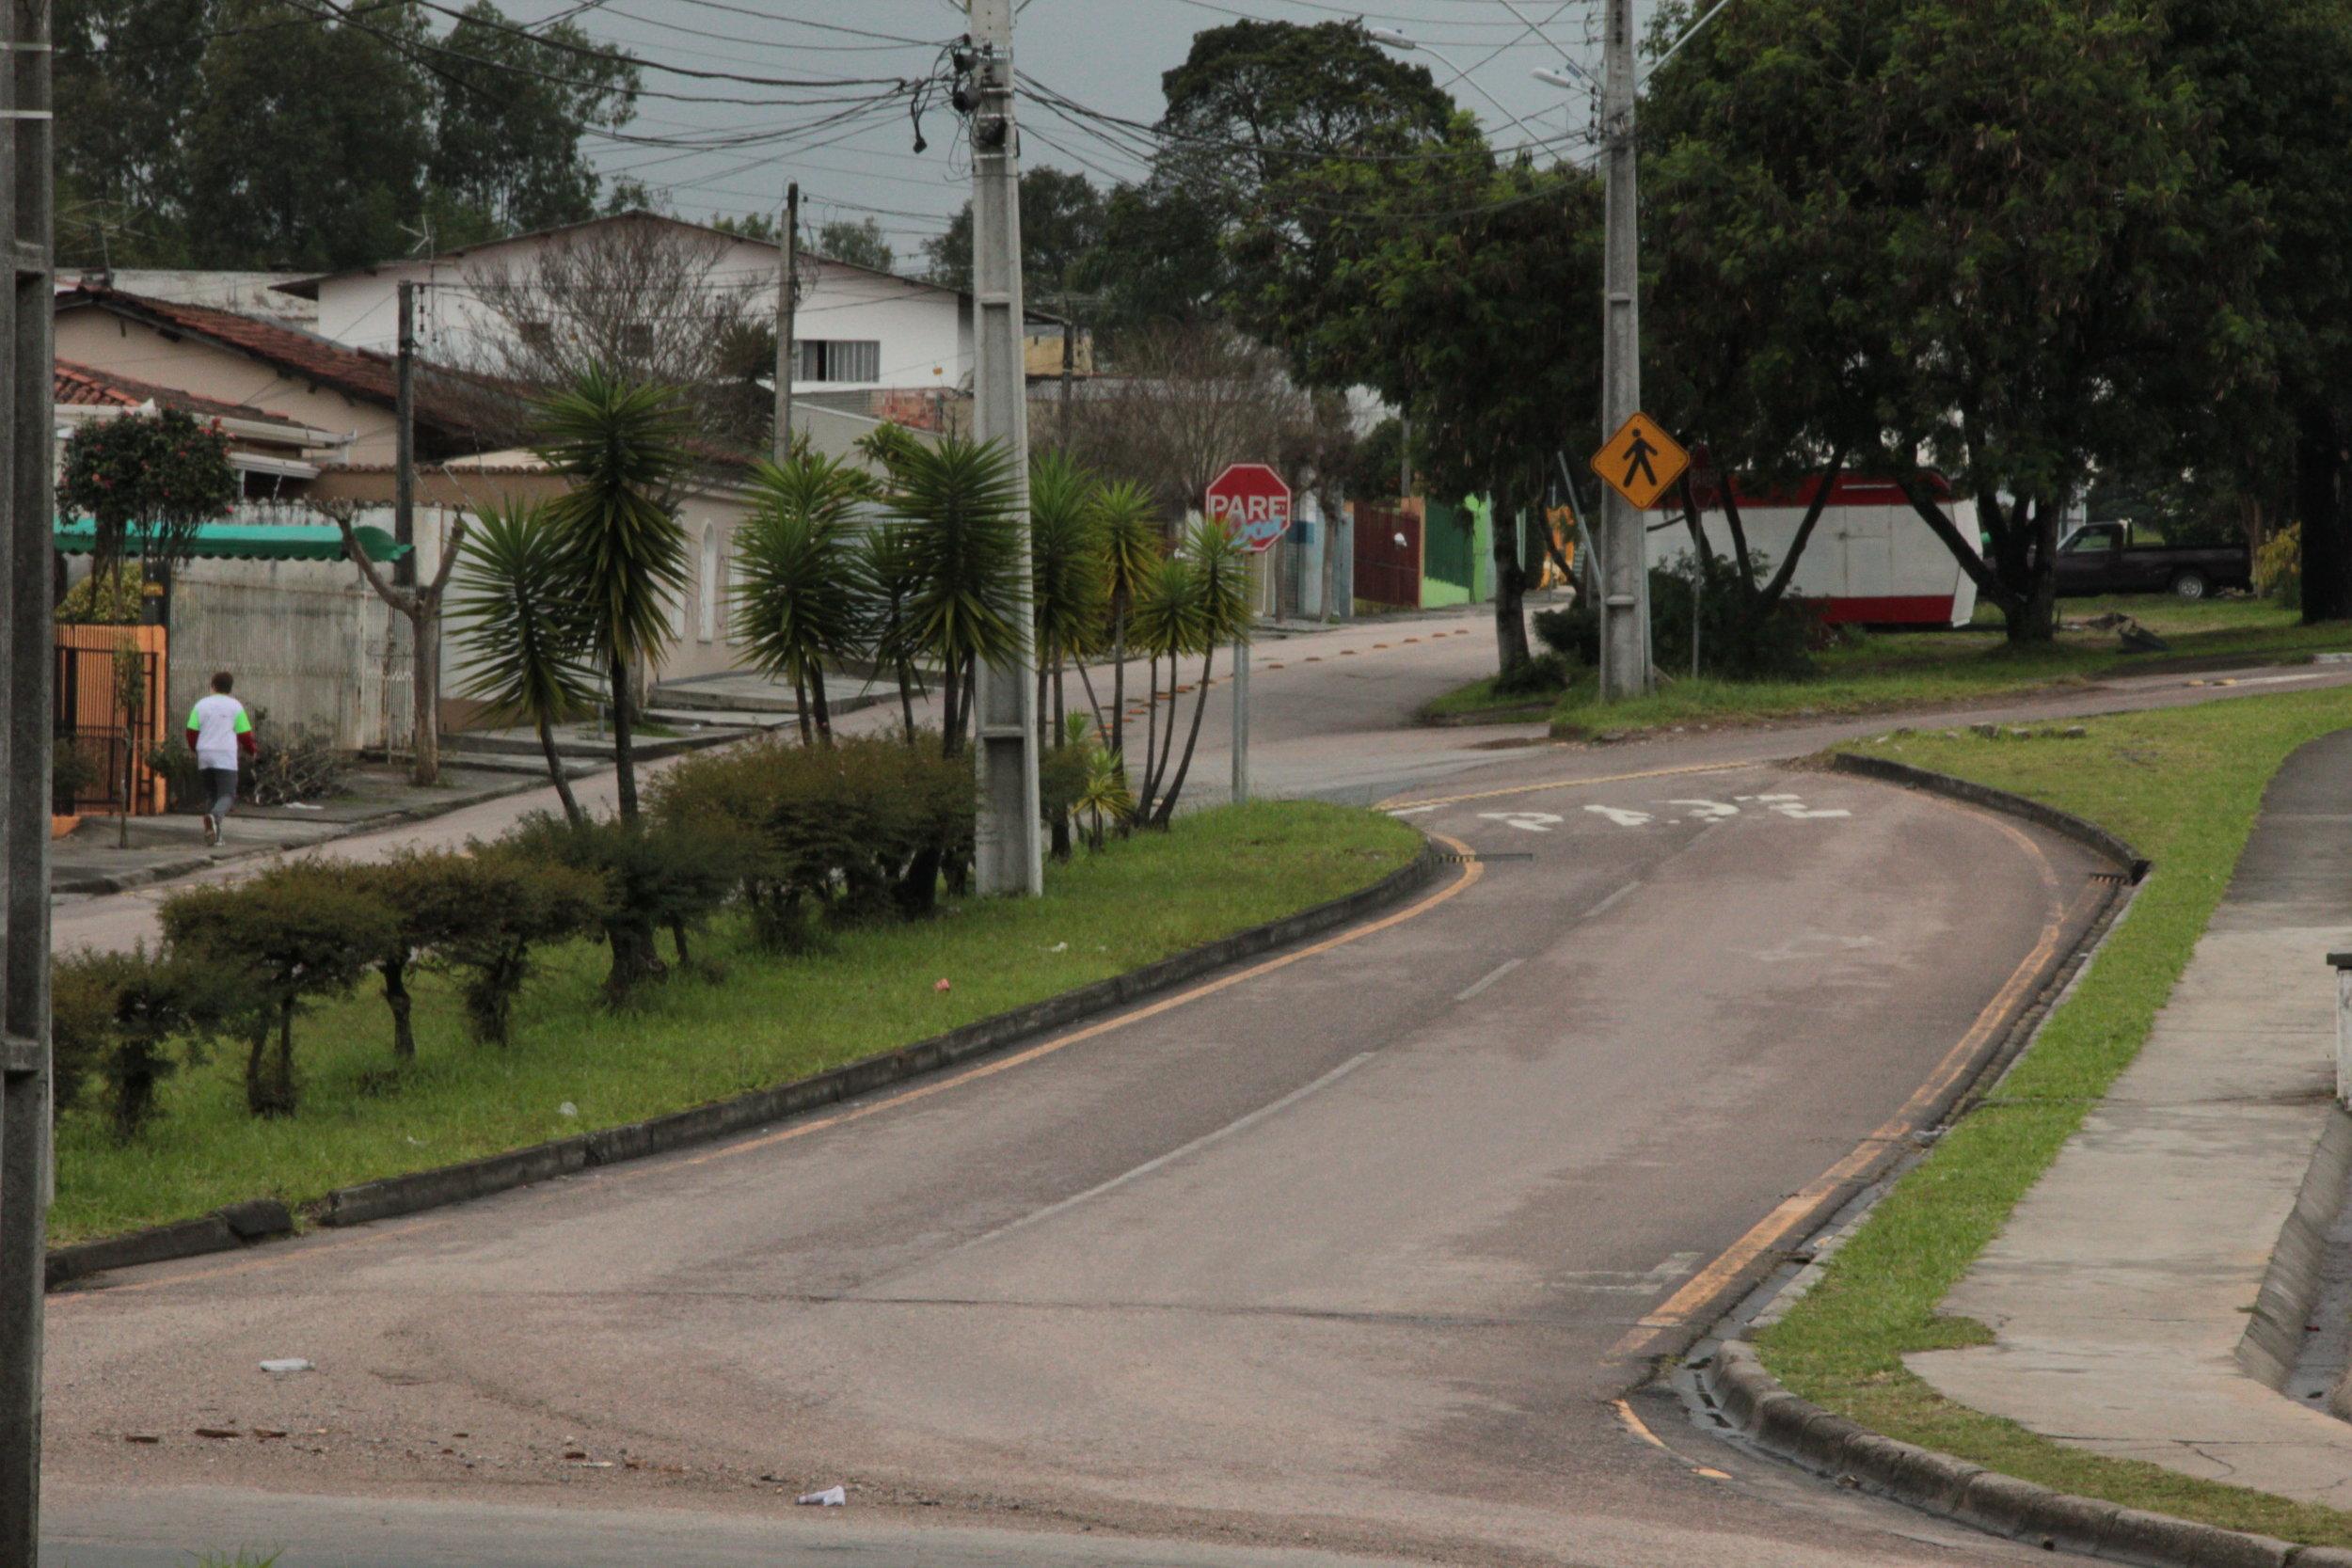 Adequação nos dois sentidos do fluxo de trânsito na Rua Dr. Petrônio Romero de Souza - 2006